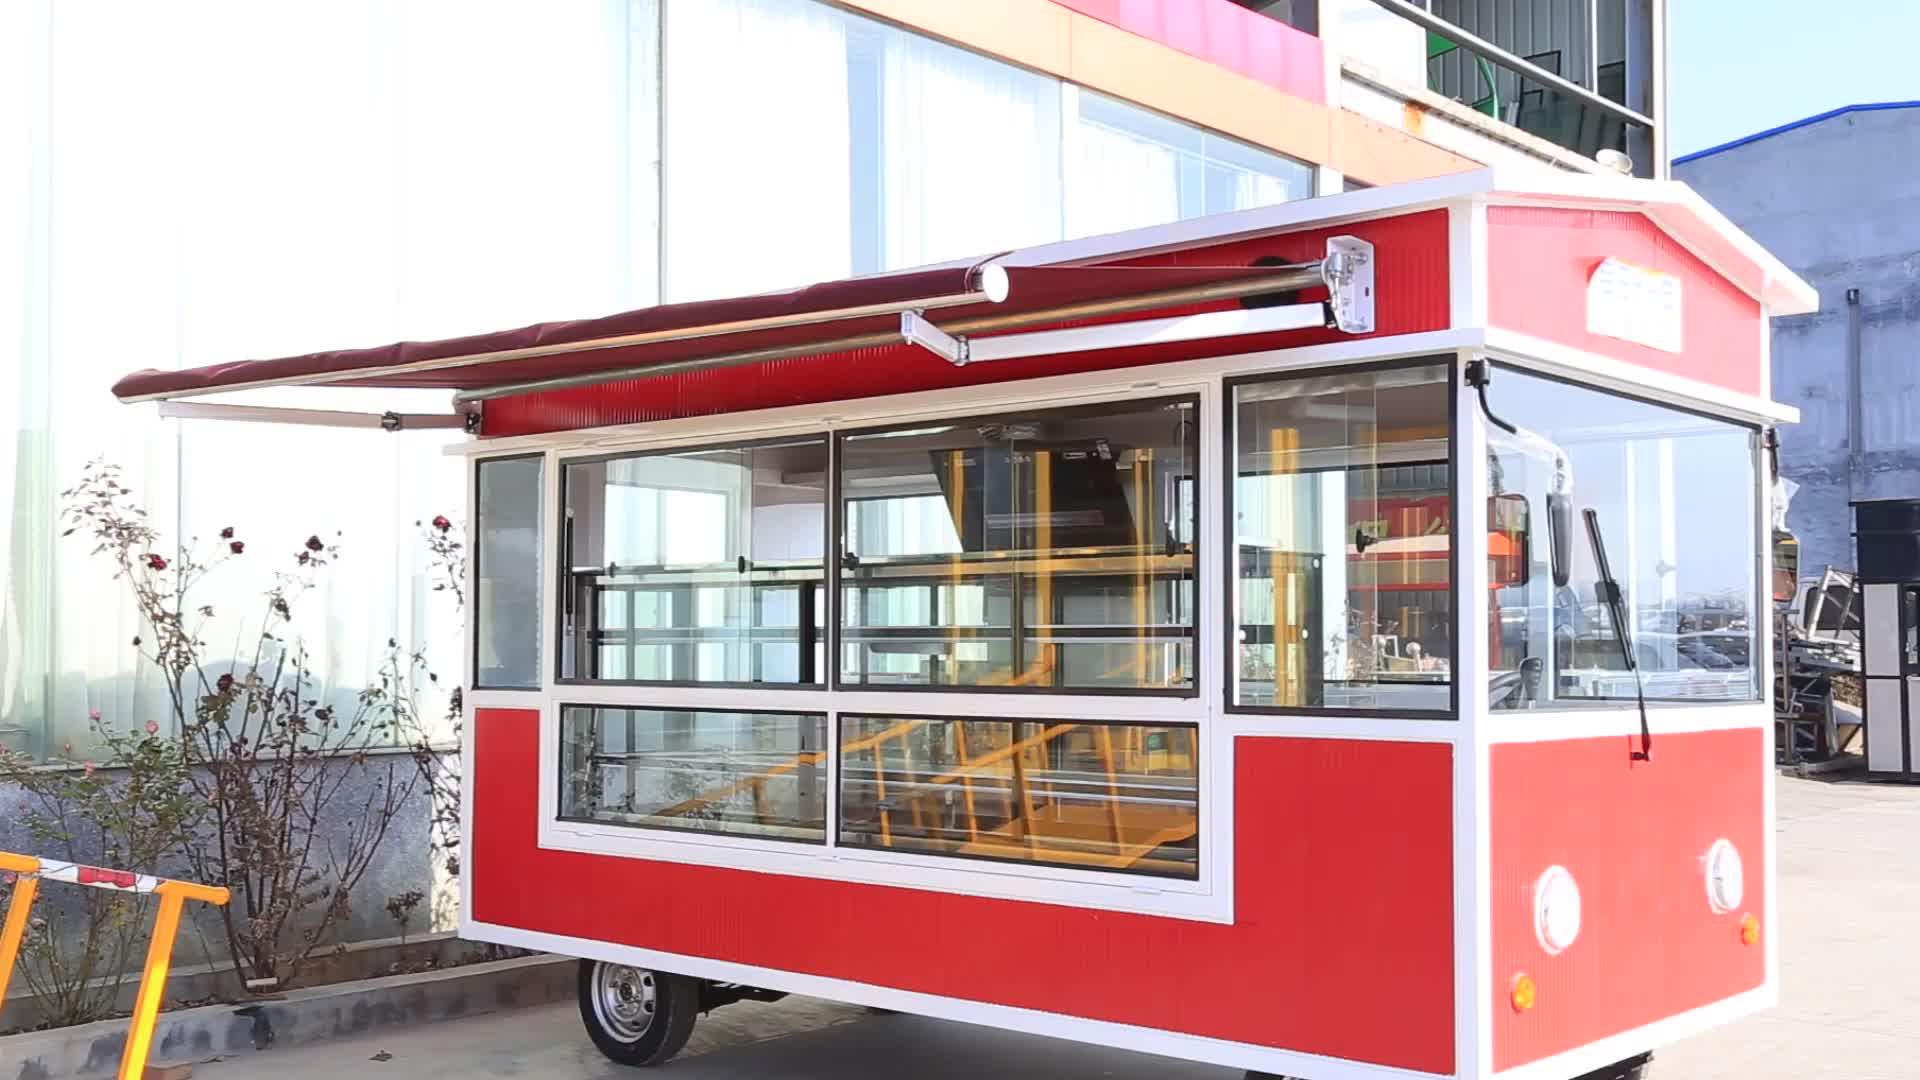 नई सड़क खाद्य वेंडिंग गाड़ी/इलेक्ट्रिक VW खाद्य ट्रक/गर्म कुत्ते बर्फ क्रीम हैमबर्गर मोबाइल खाद्य ट्रेलर बिक्री